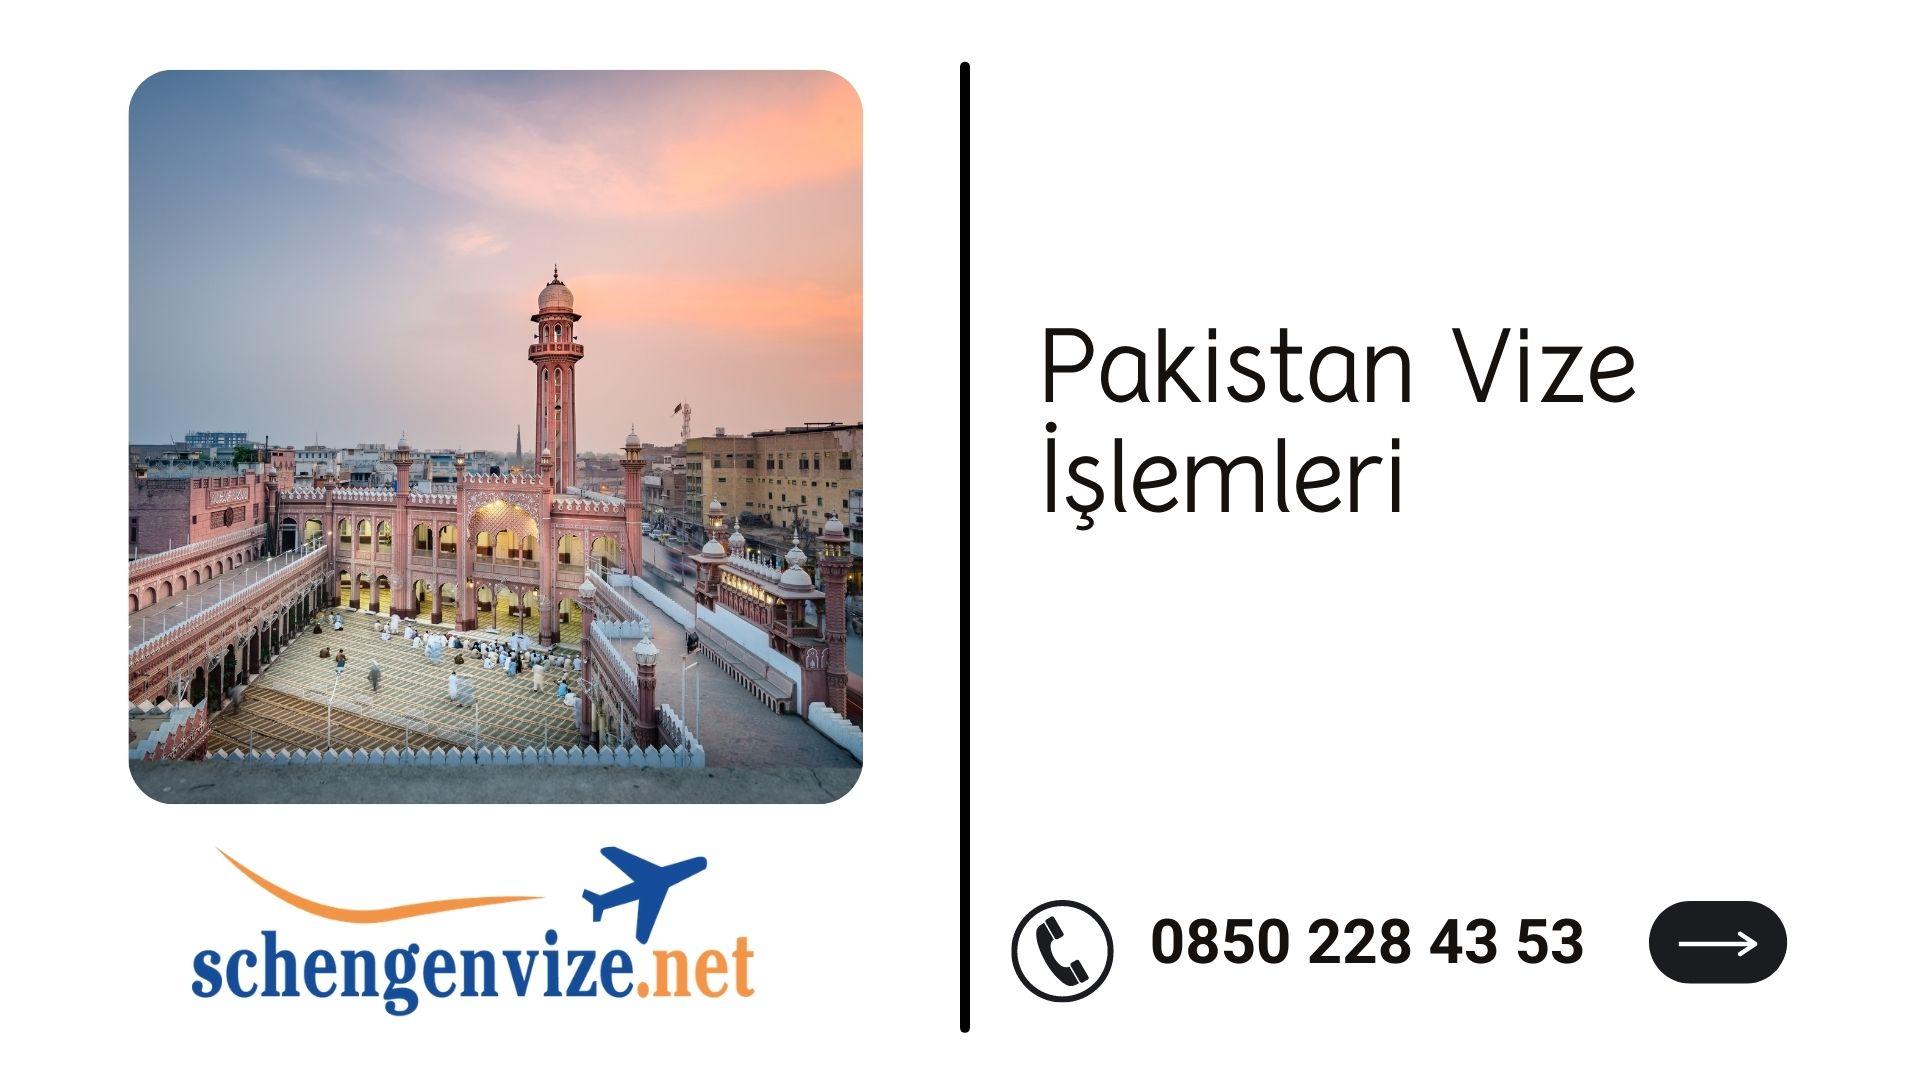 Pakistan Vize İşlemleri